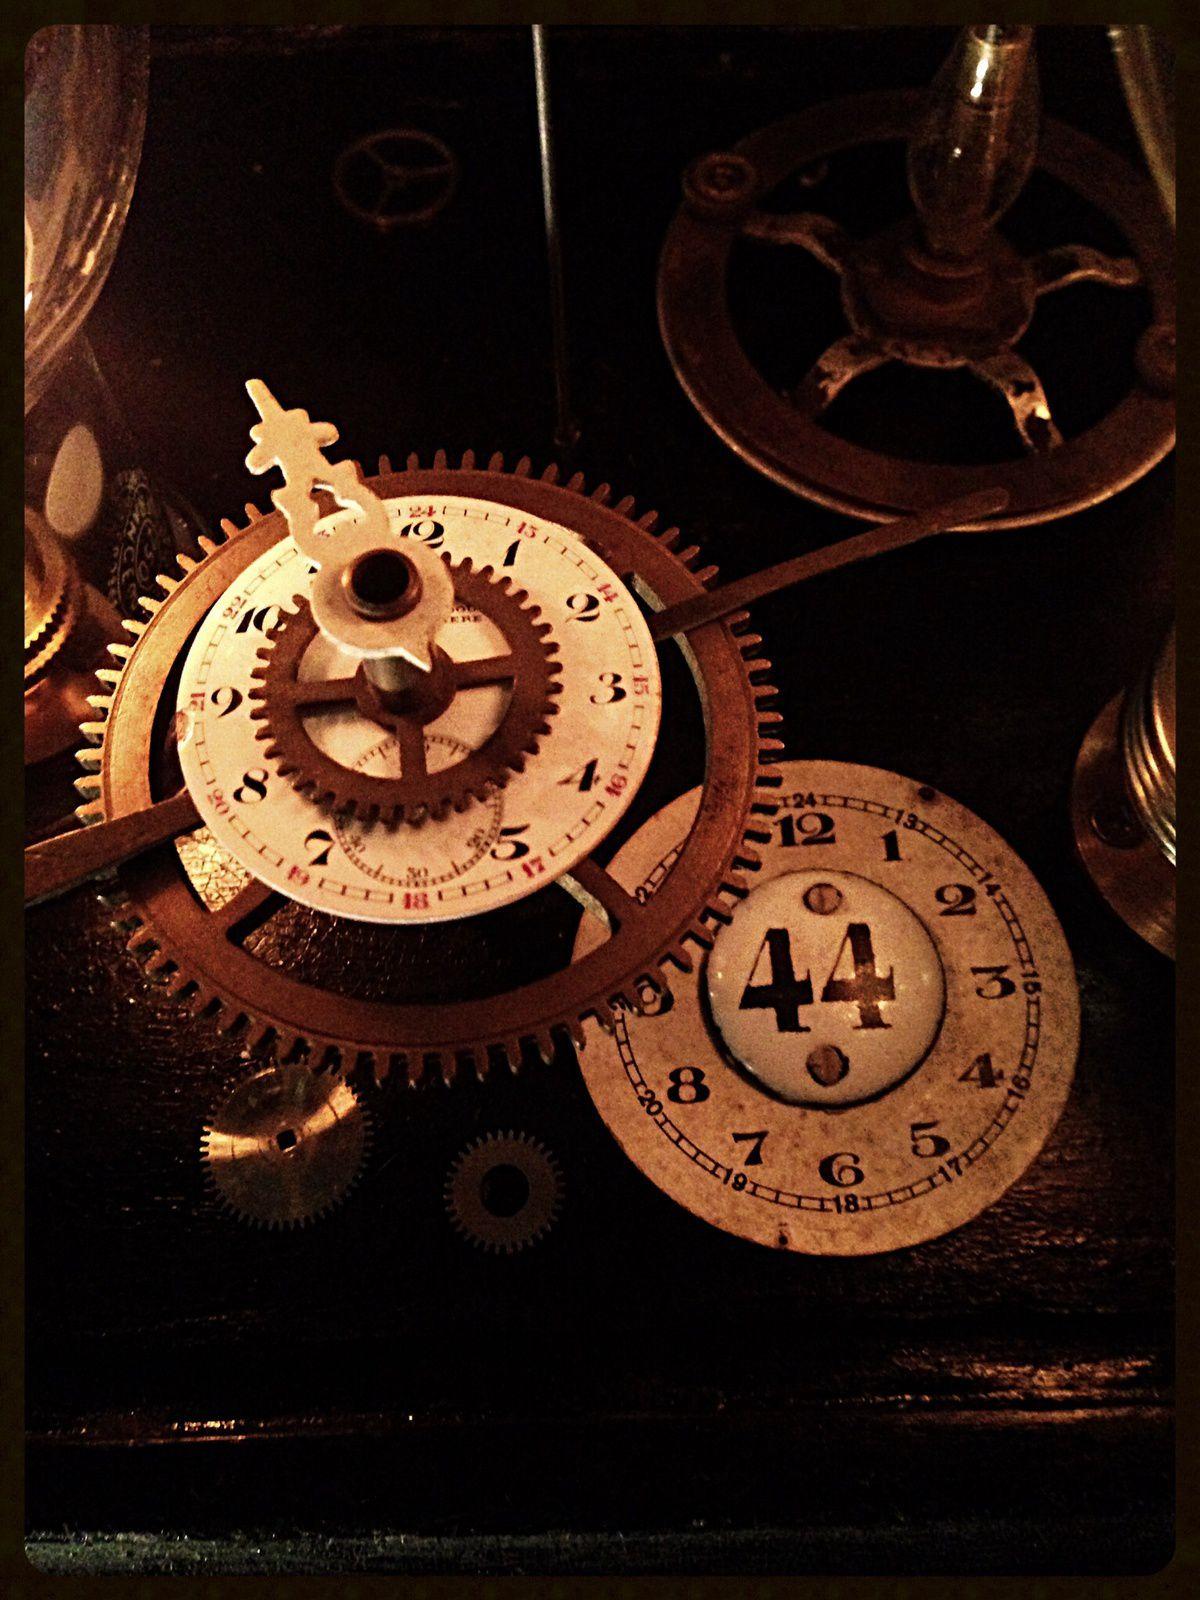 Lampe curiosité sous globe de mariée Napoléon III 19ème matériel de chimie cadrans de montres ancien émaillé montre gousset crane doré variateur de lumière luminaire éclairage decoration vintage cabinet de curiosité antiquité antiquaire Marcq en Baroeul Lille Nord Bondues